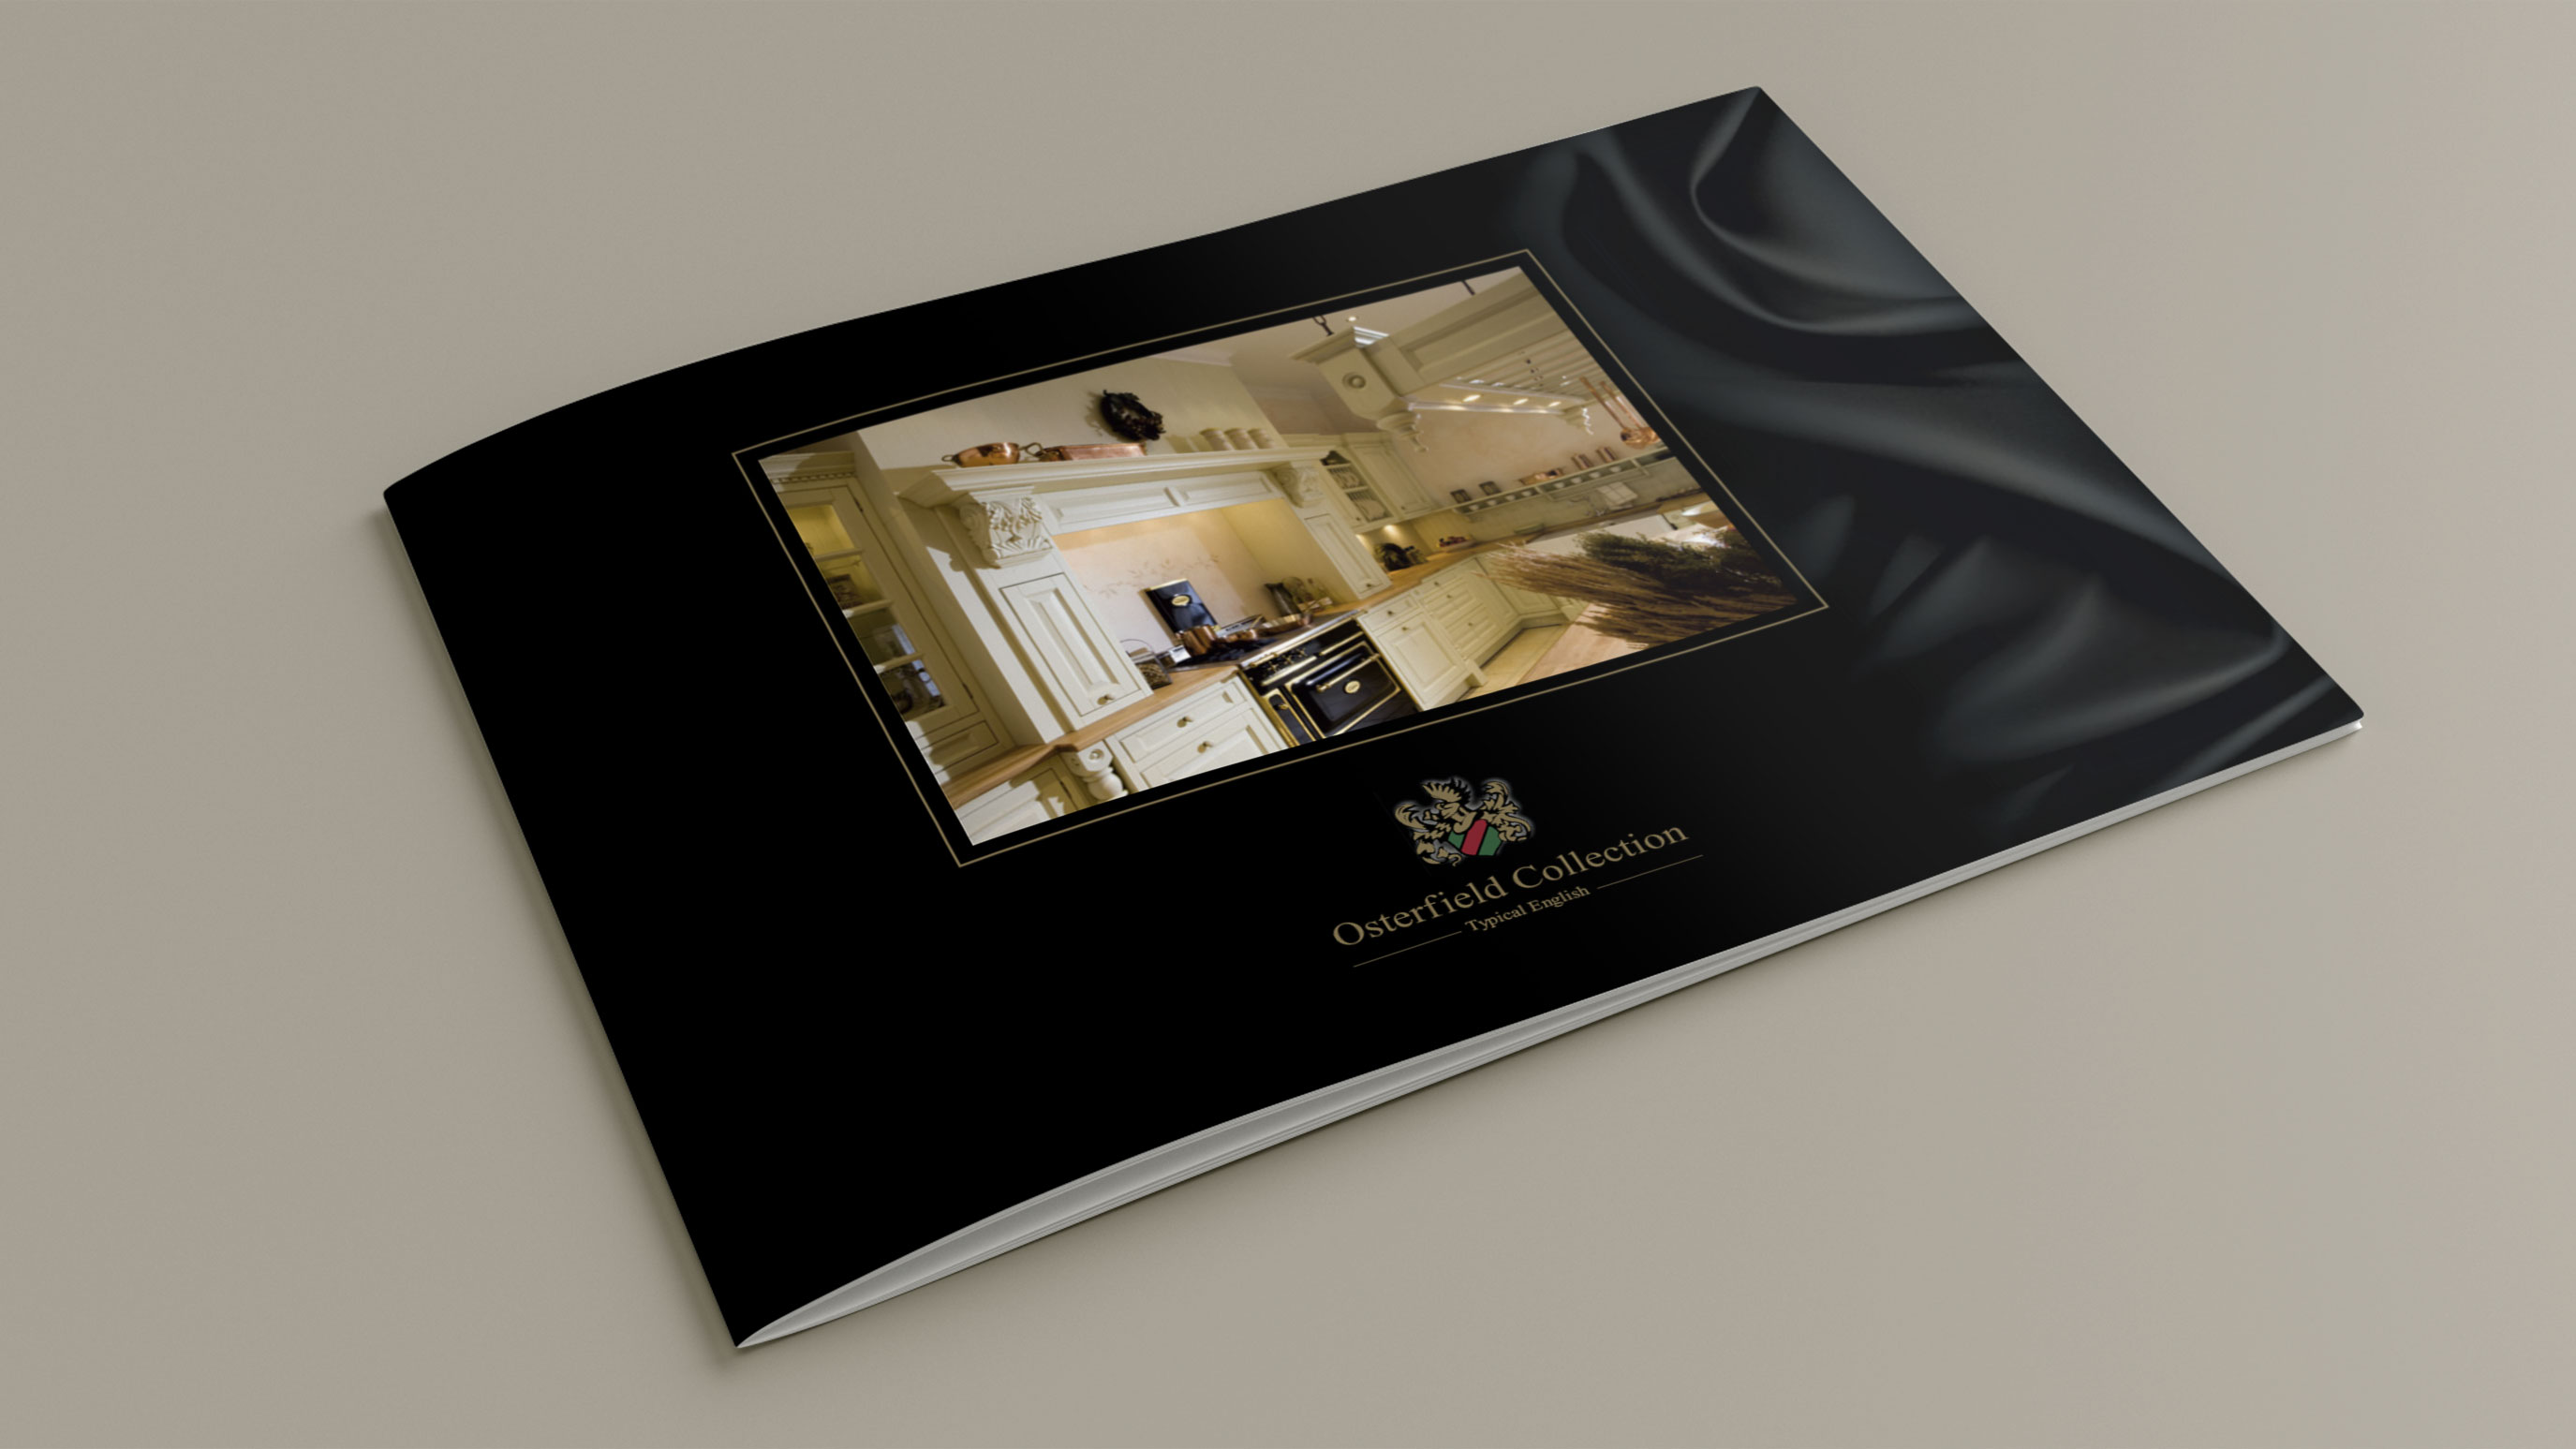 Osterfield Katalog – Oster Küche